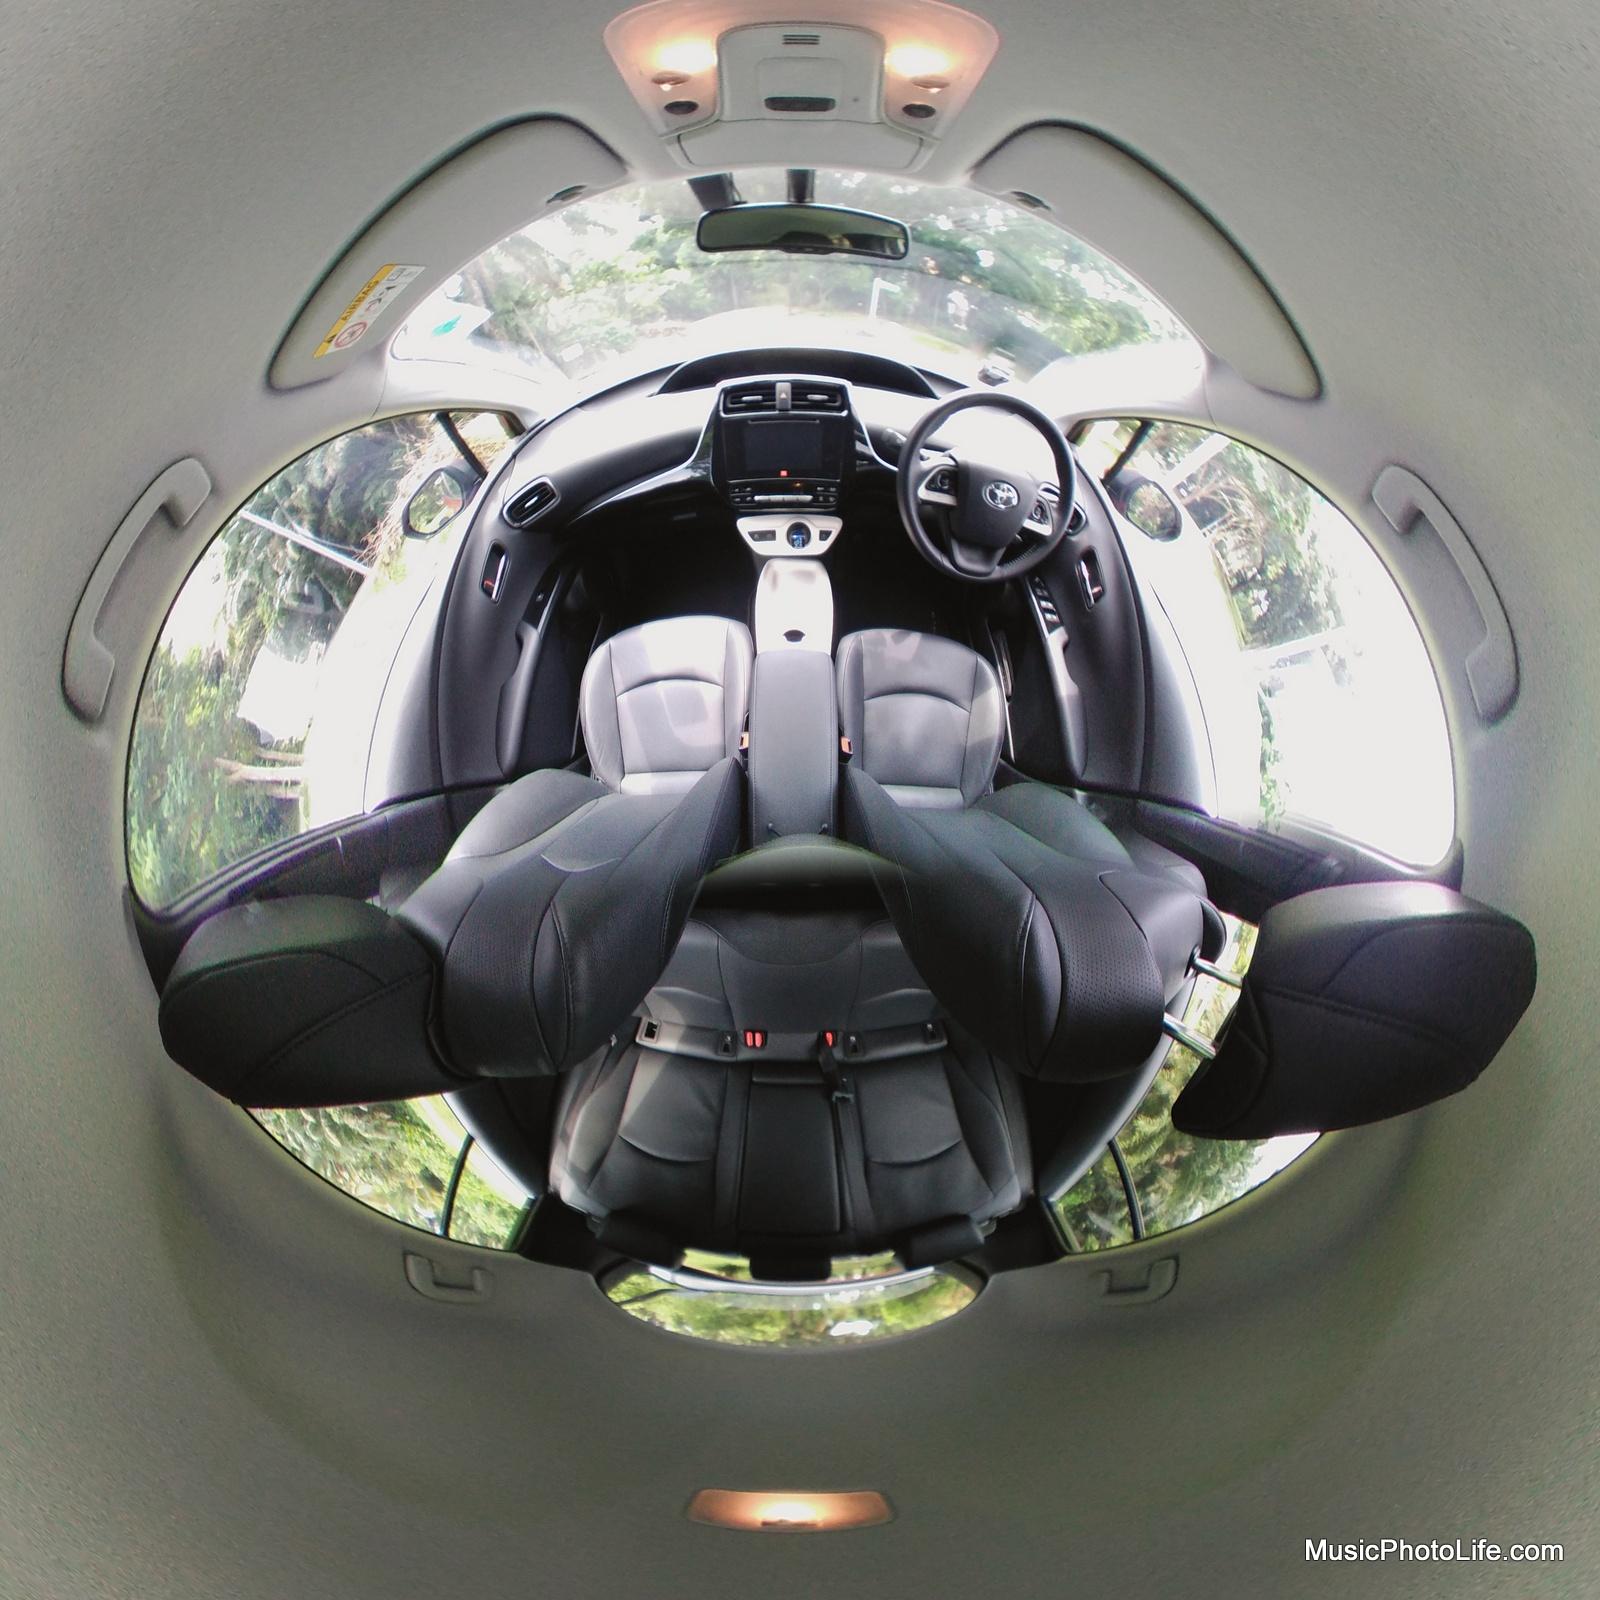 LG 360 CAM - interior of the Toyota Prius